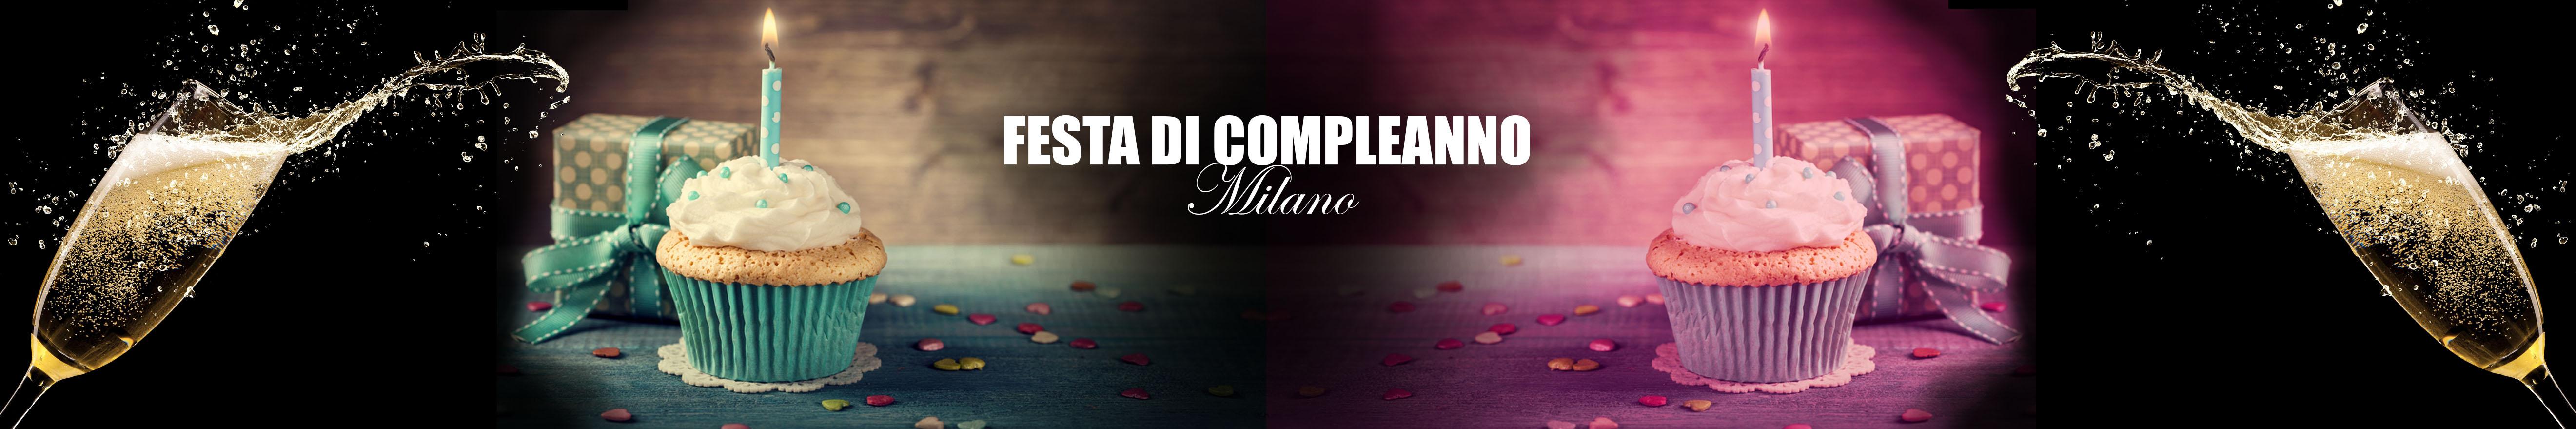 Festa Compleanno Milano